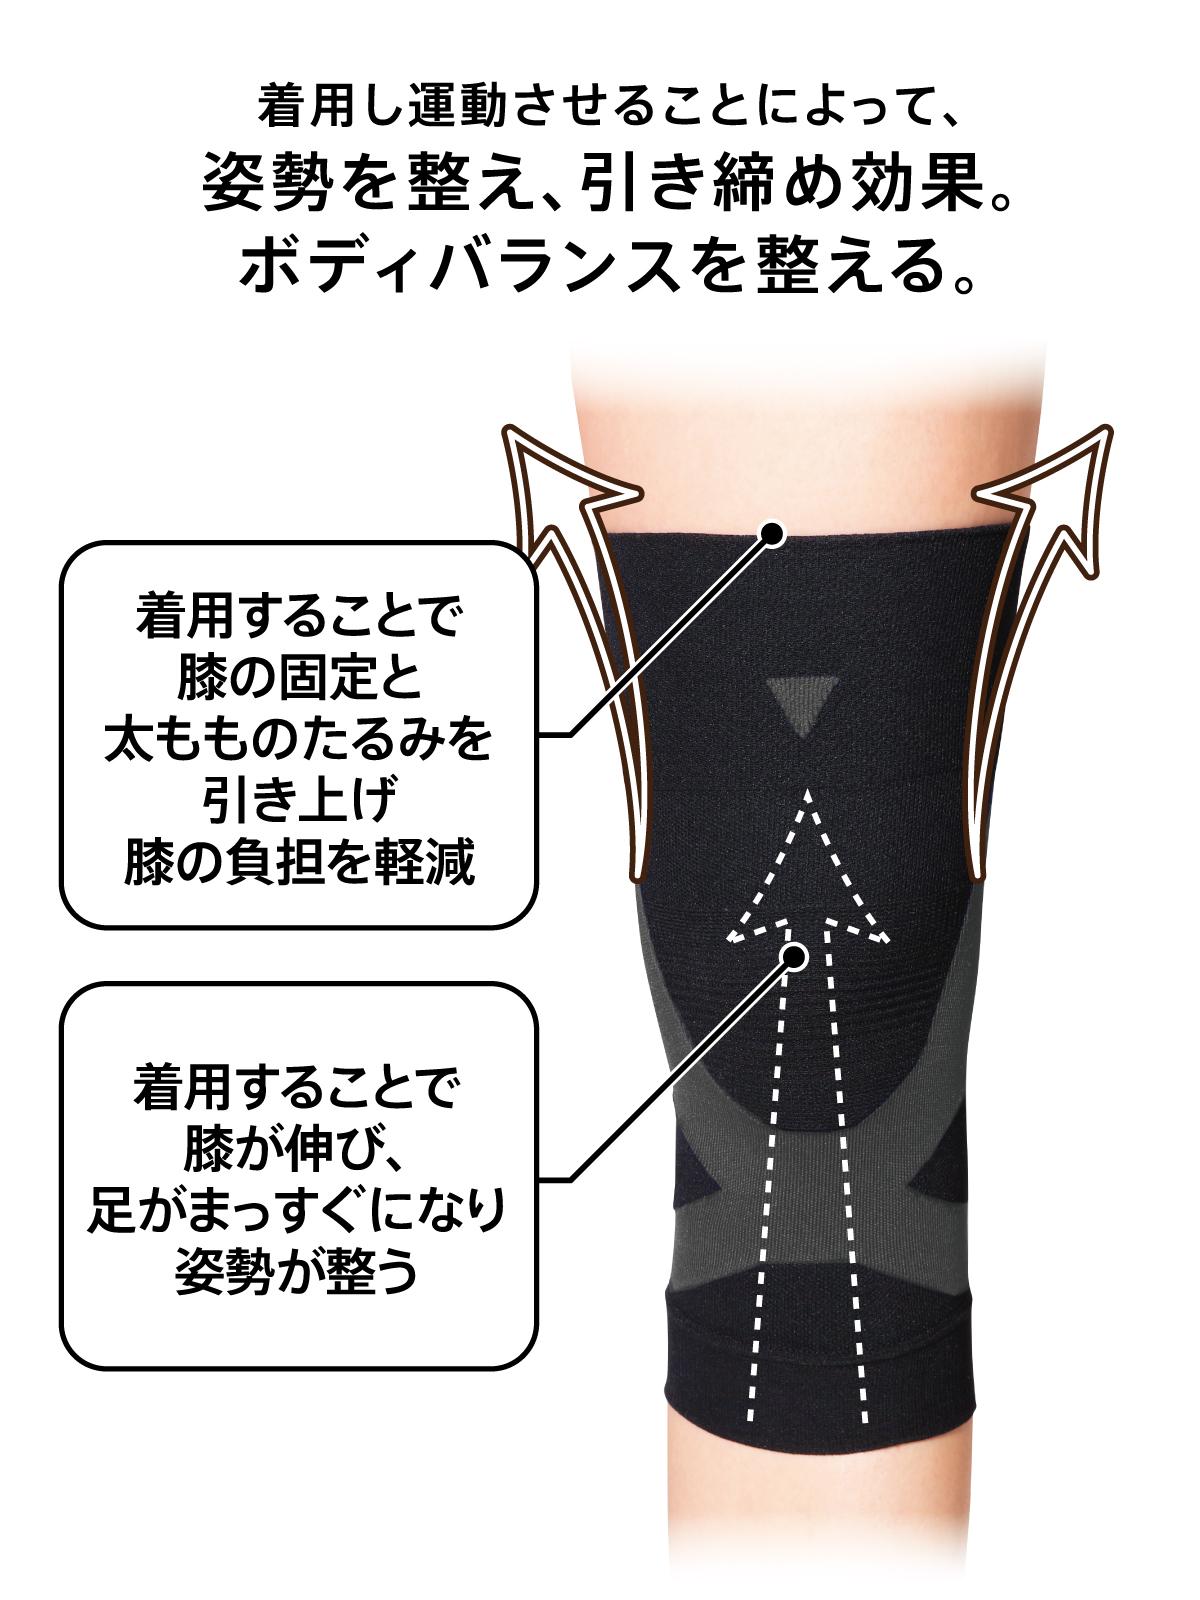 [健康と美研究所]膝アップサポーター(男女兼用)